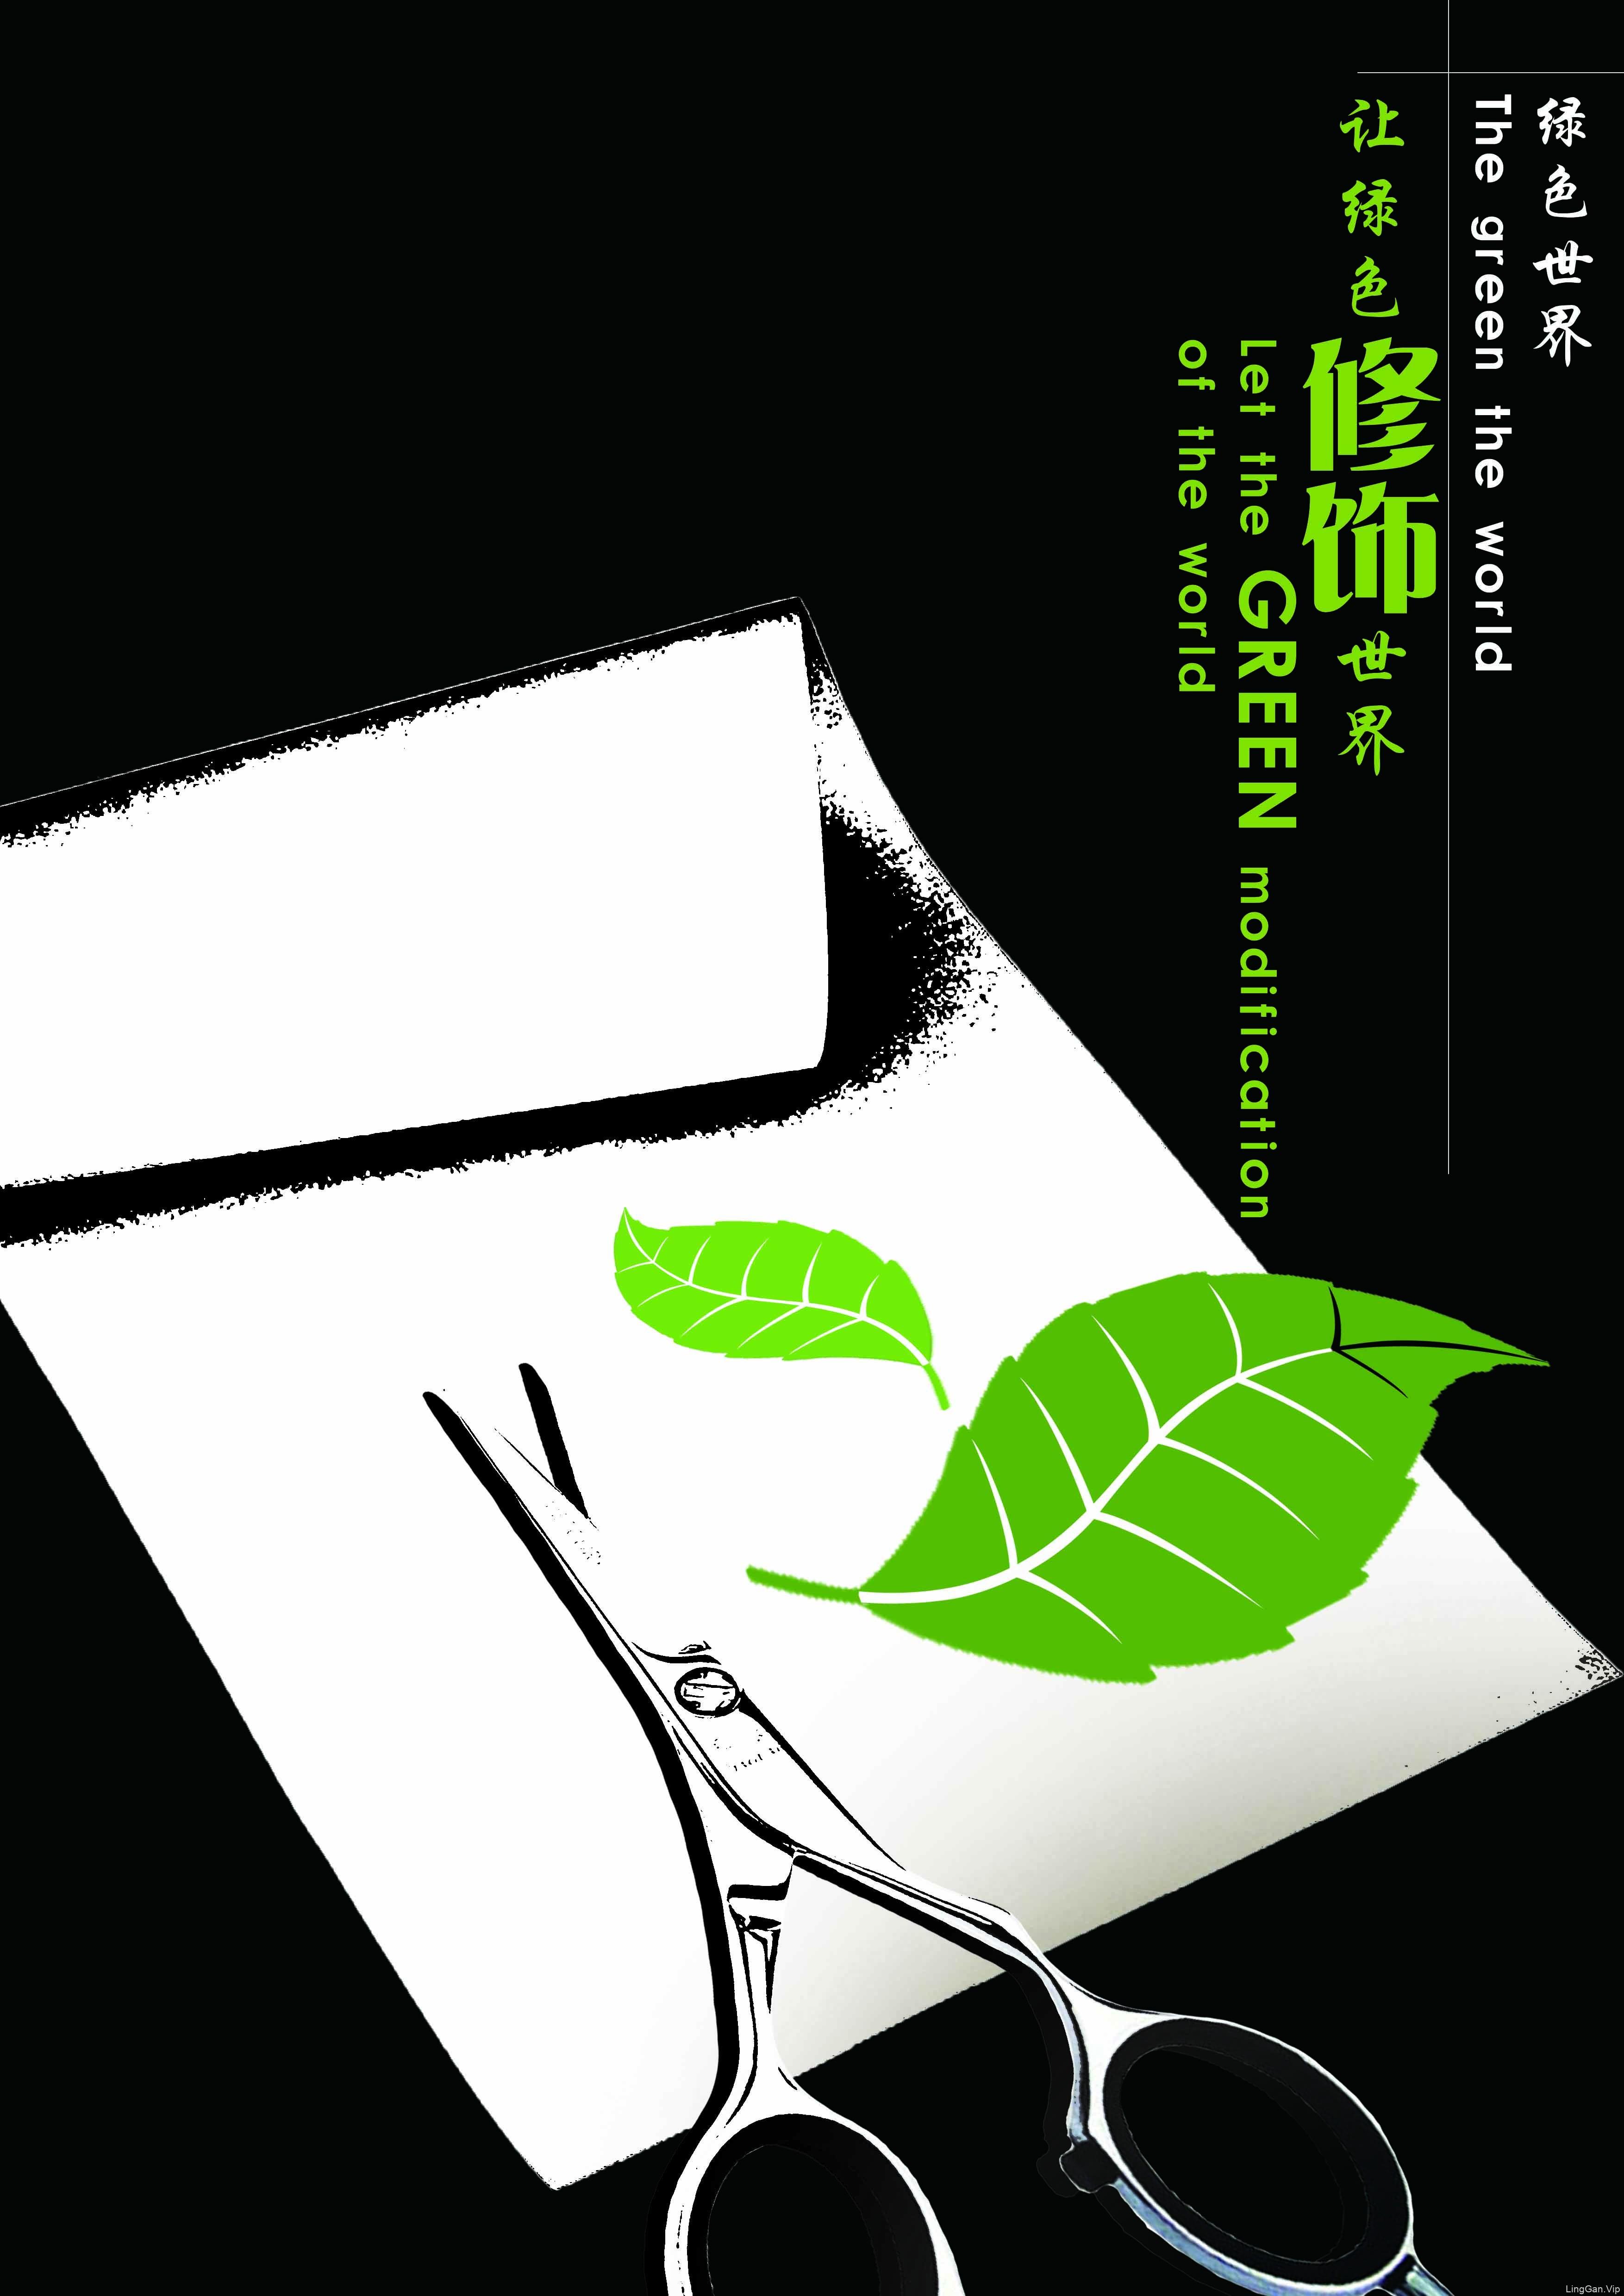 让绿色充满世界